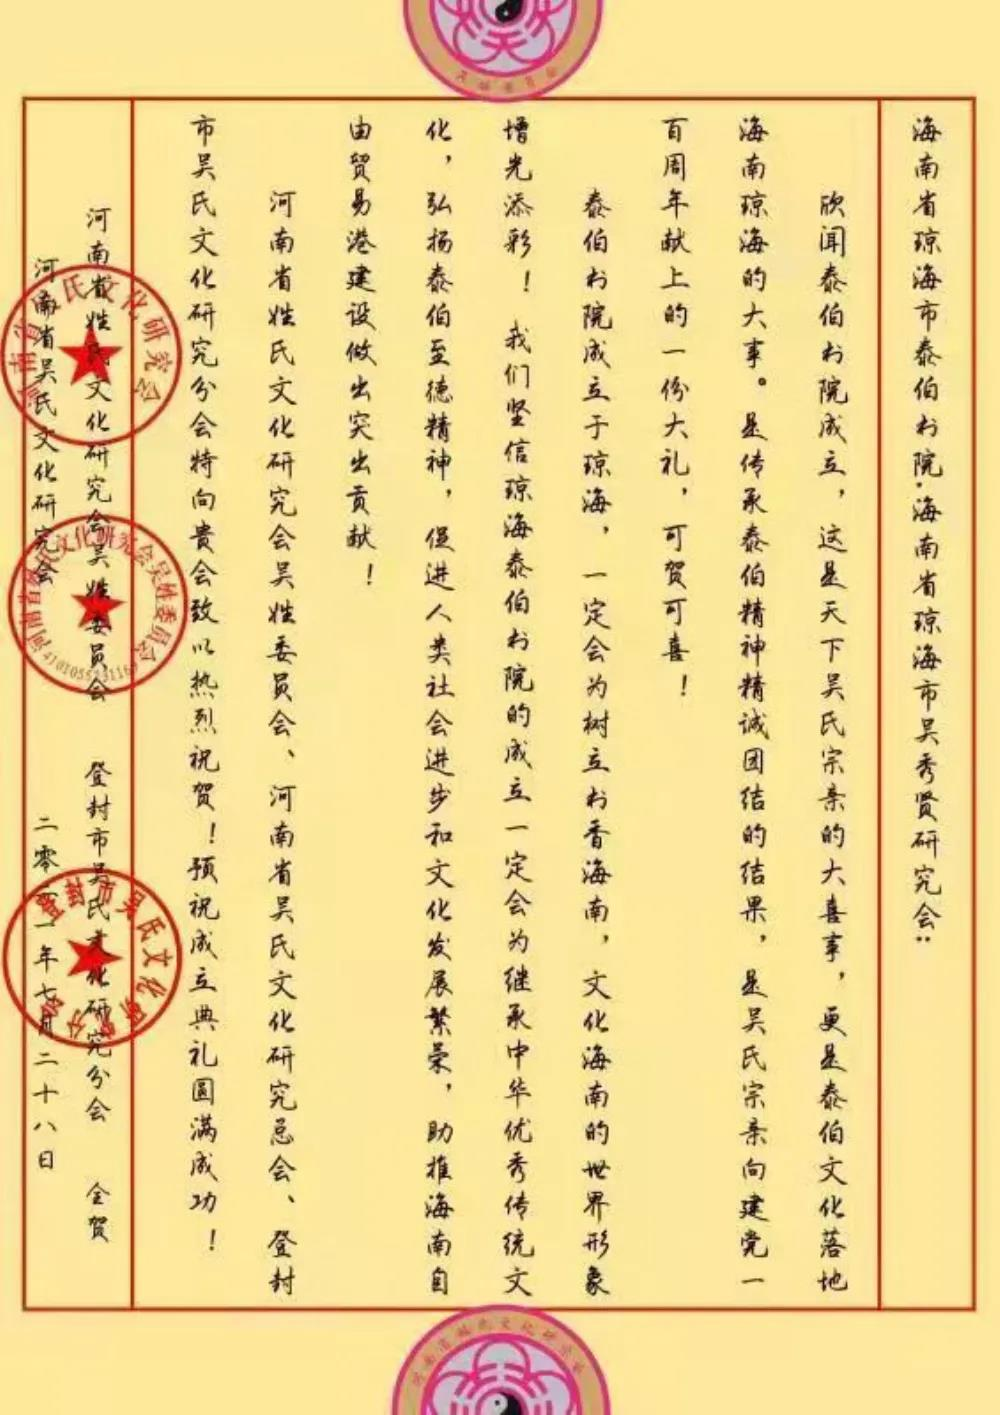 琼海泰伯书院庆典:世界各地贺信贺词(8.2)